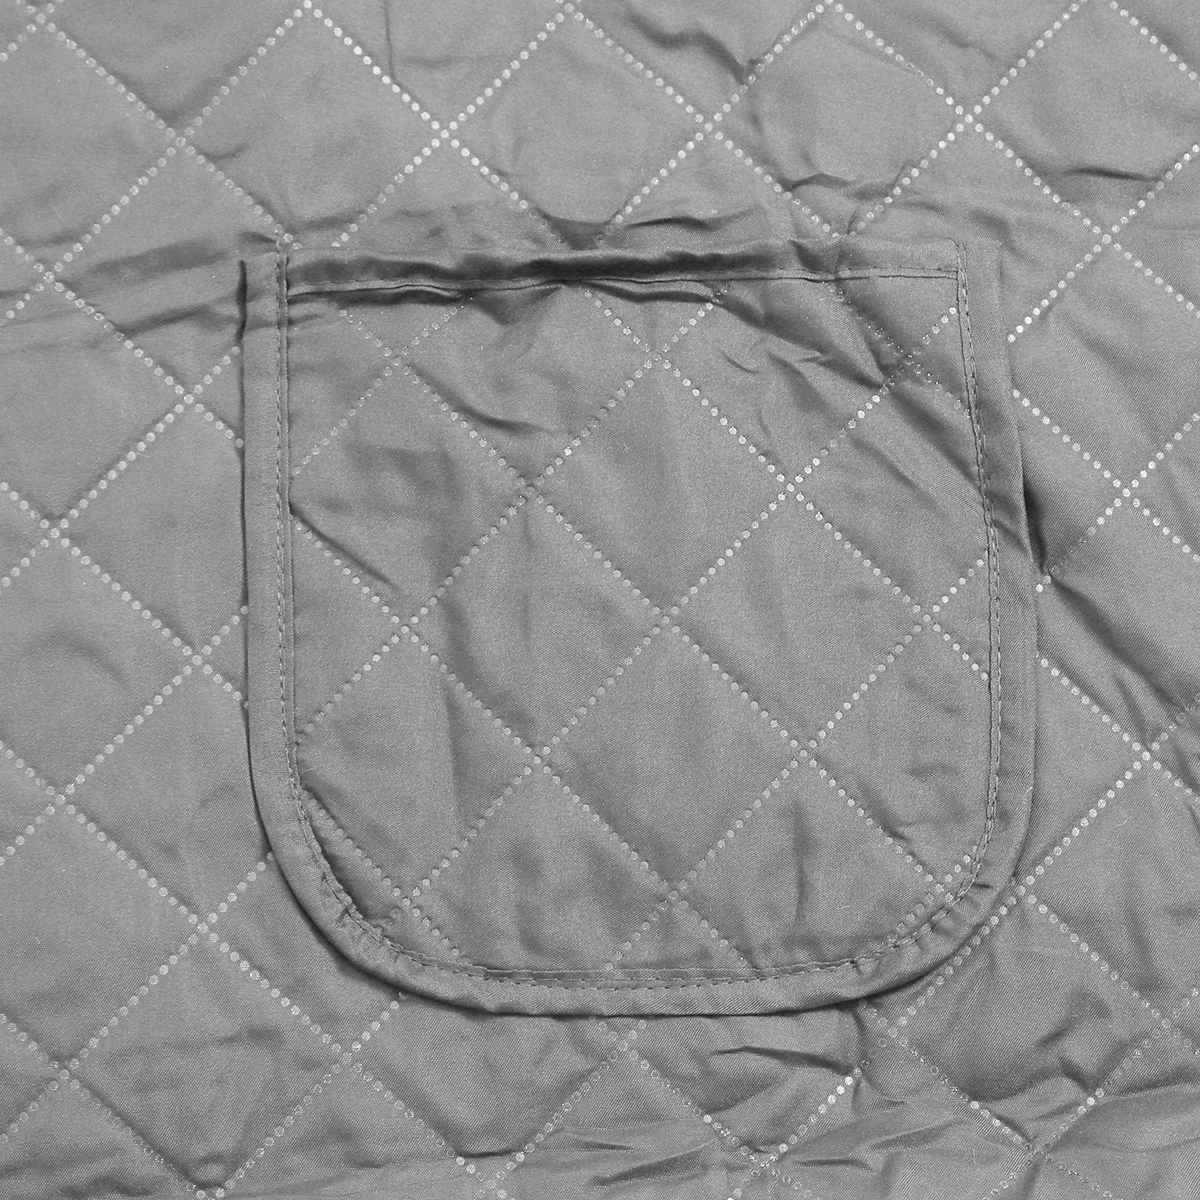 غطاء أريكة غطاء أريكة مقاوم للماء مقاوم للارتداء وسادة أريكة للحيوانات الأليفة أريكة الحيوانات الأليفة 1/2/3 مقعد من البطانيات المقاومة للعض مع جيب